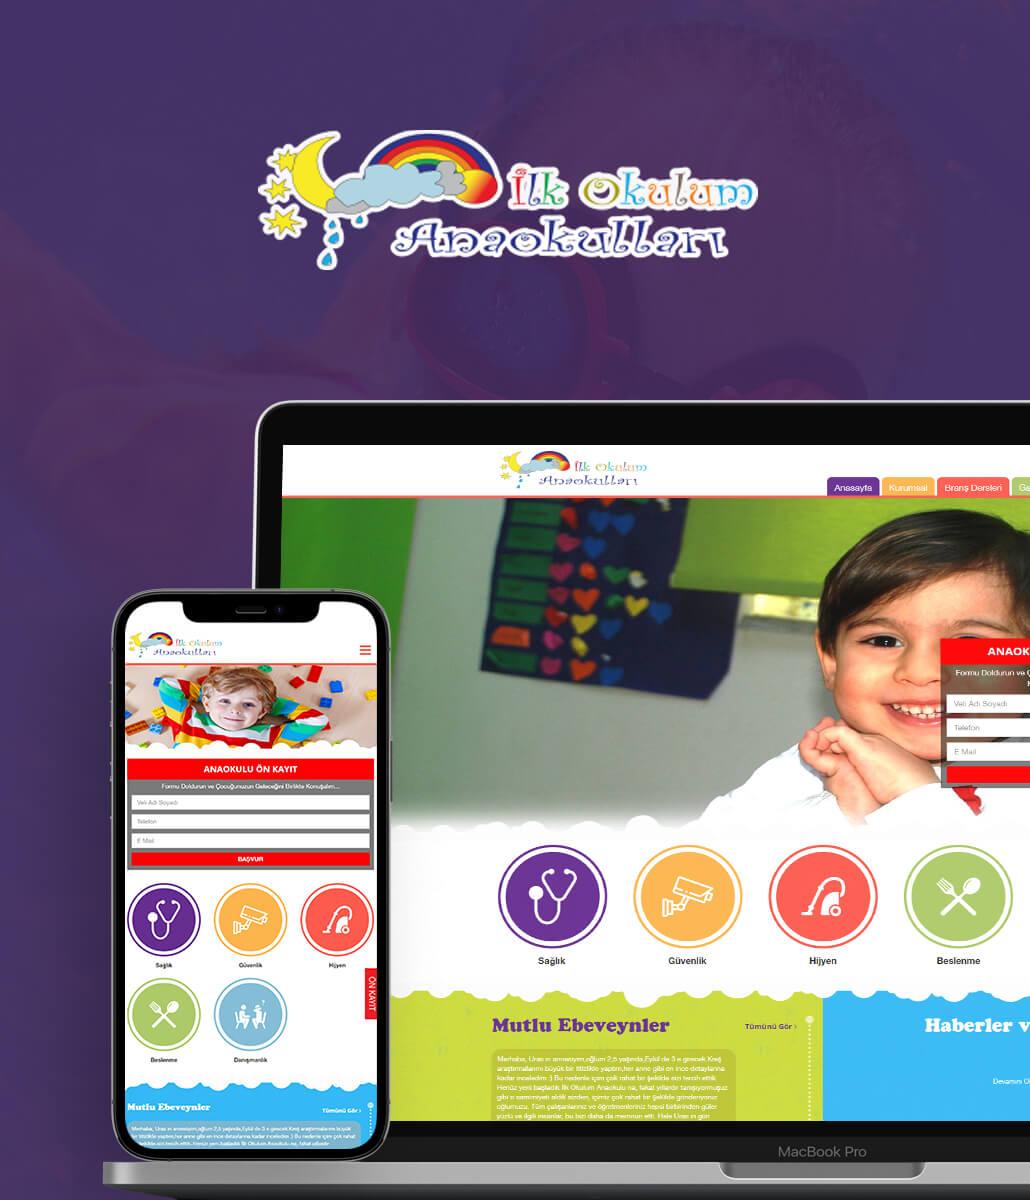 İlk Okulum Anaokulu Web Tasarımı